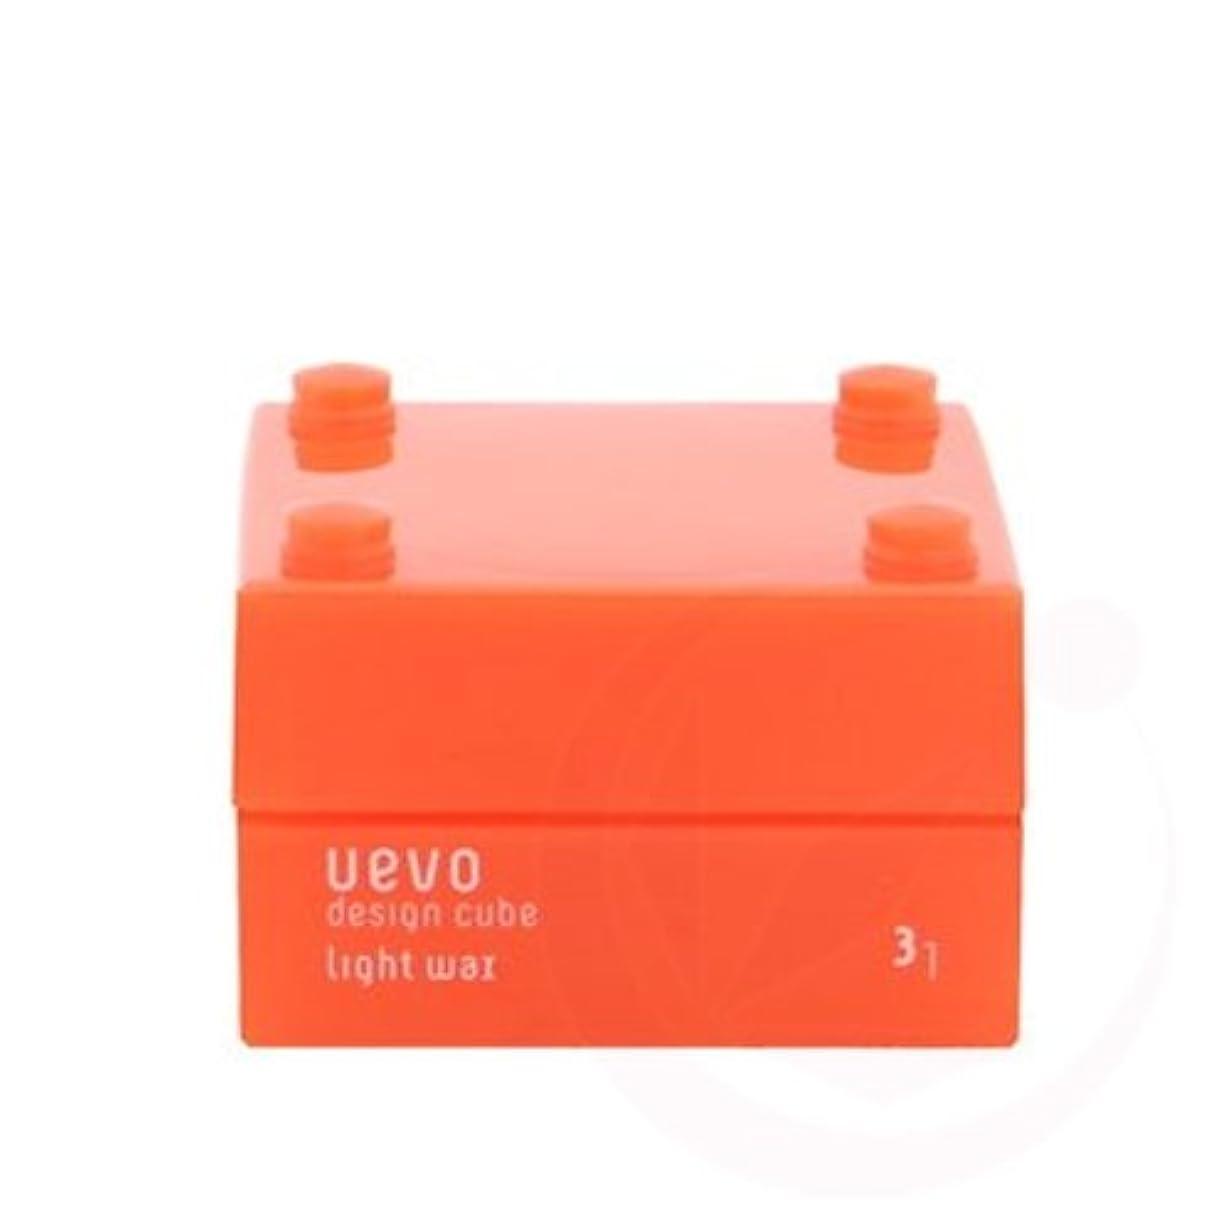 再編成する甘味抜本的な【デミコスメティクス】ウェーボ デザインキューブ ライトワックス 30g